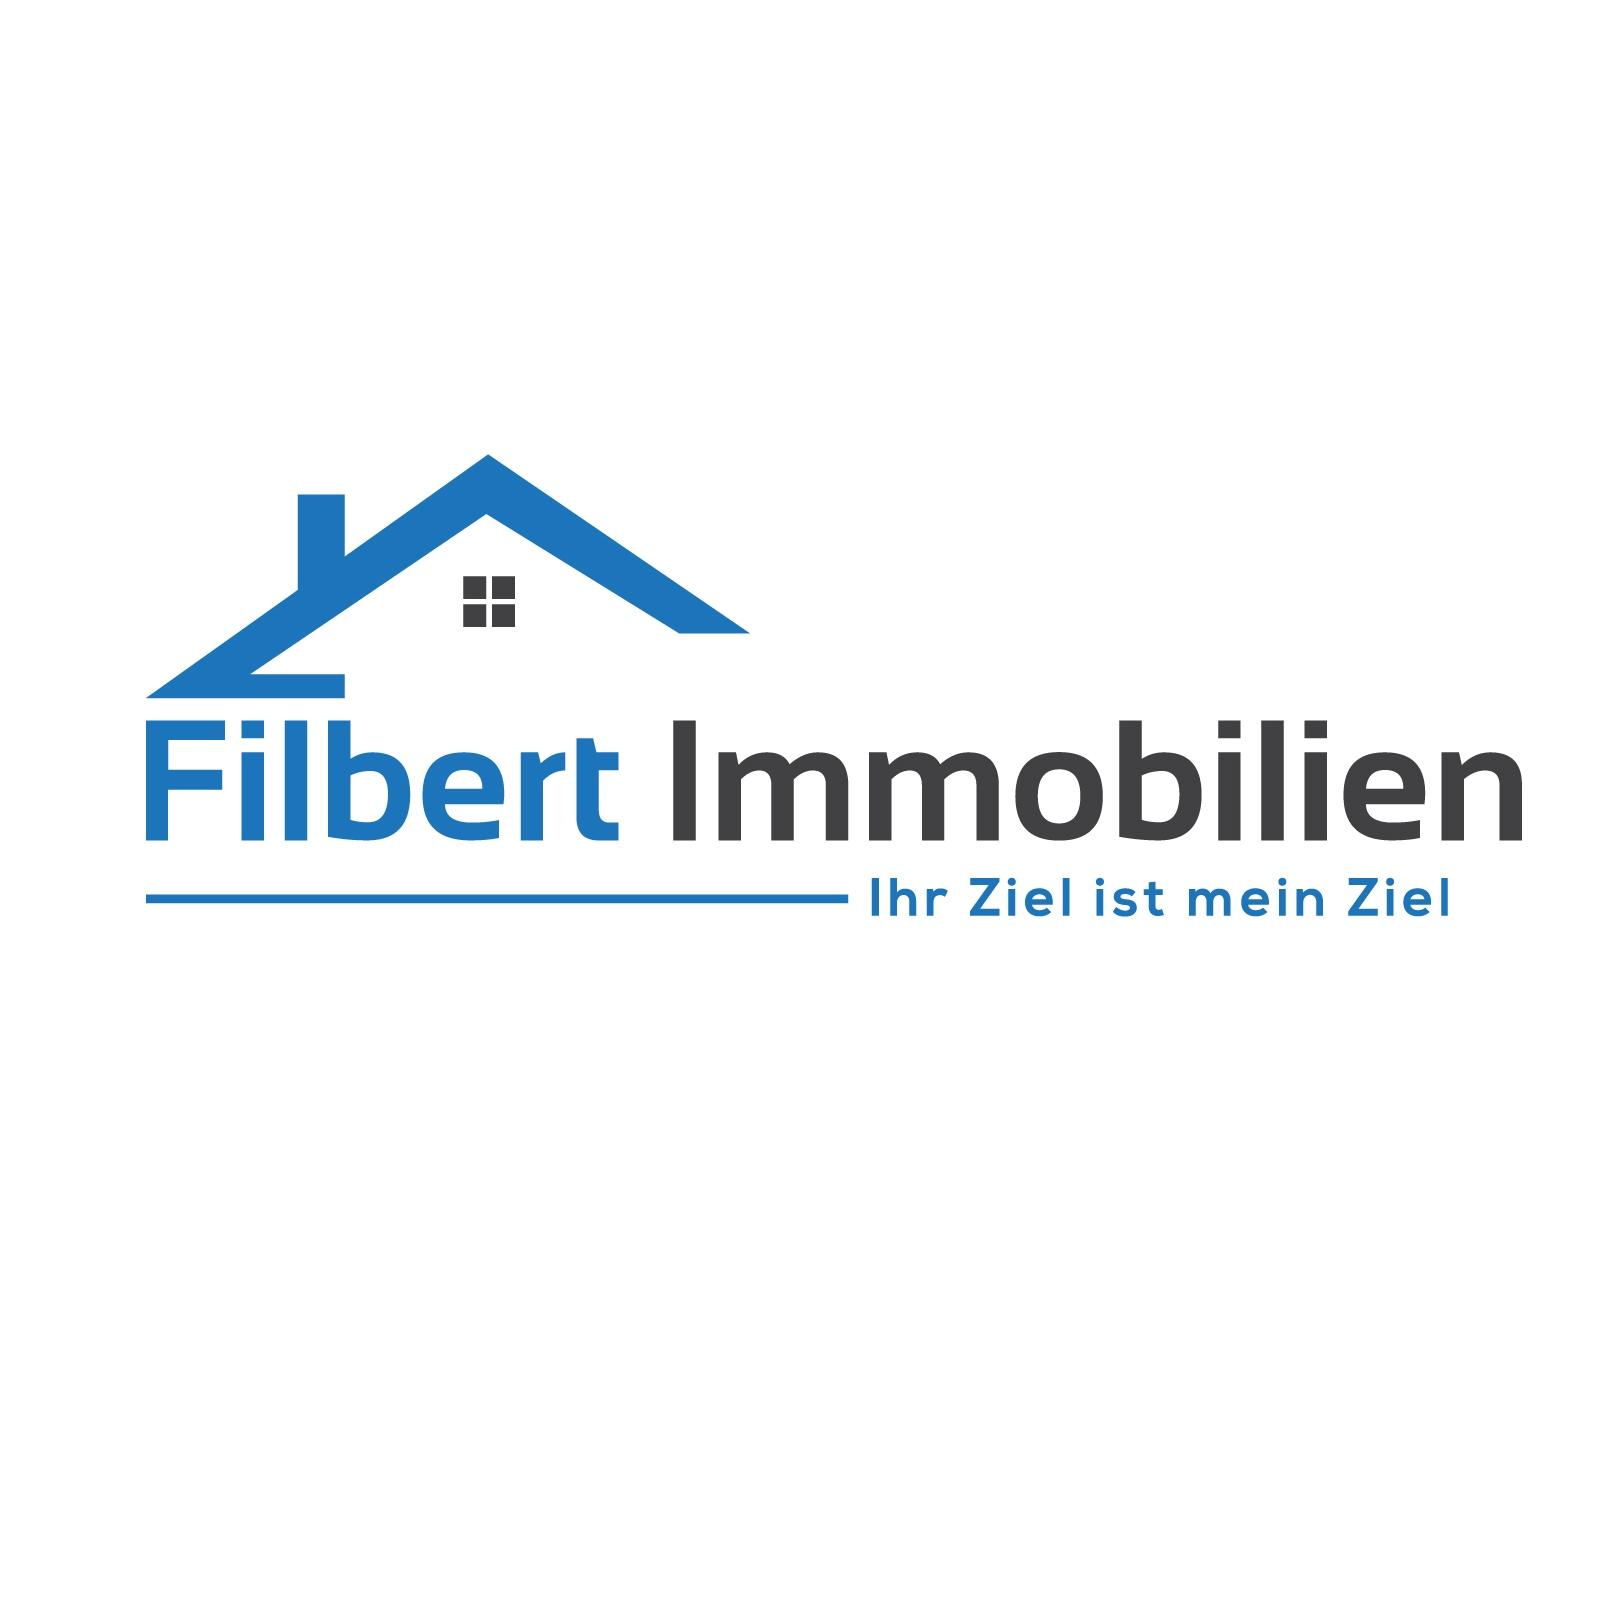 Hier sehen Sie das Logo von Filbert Immobilien